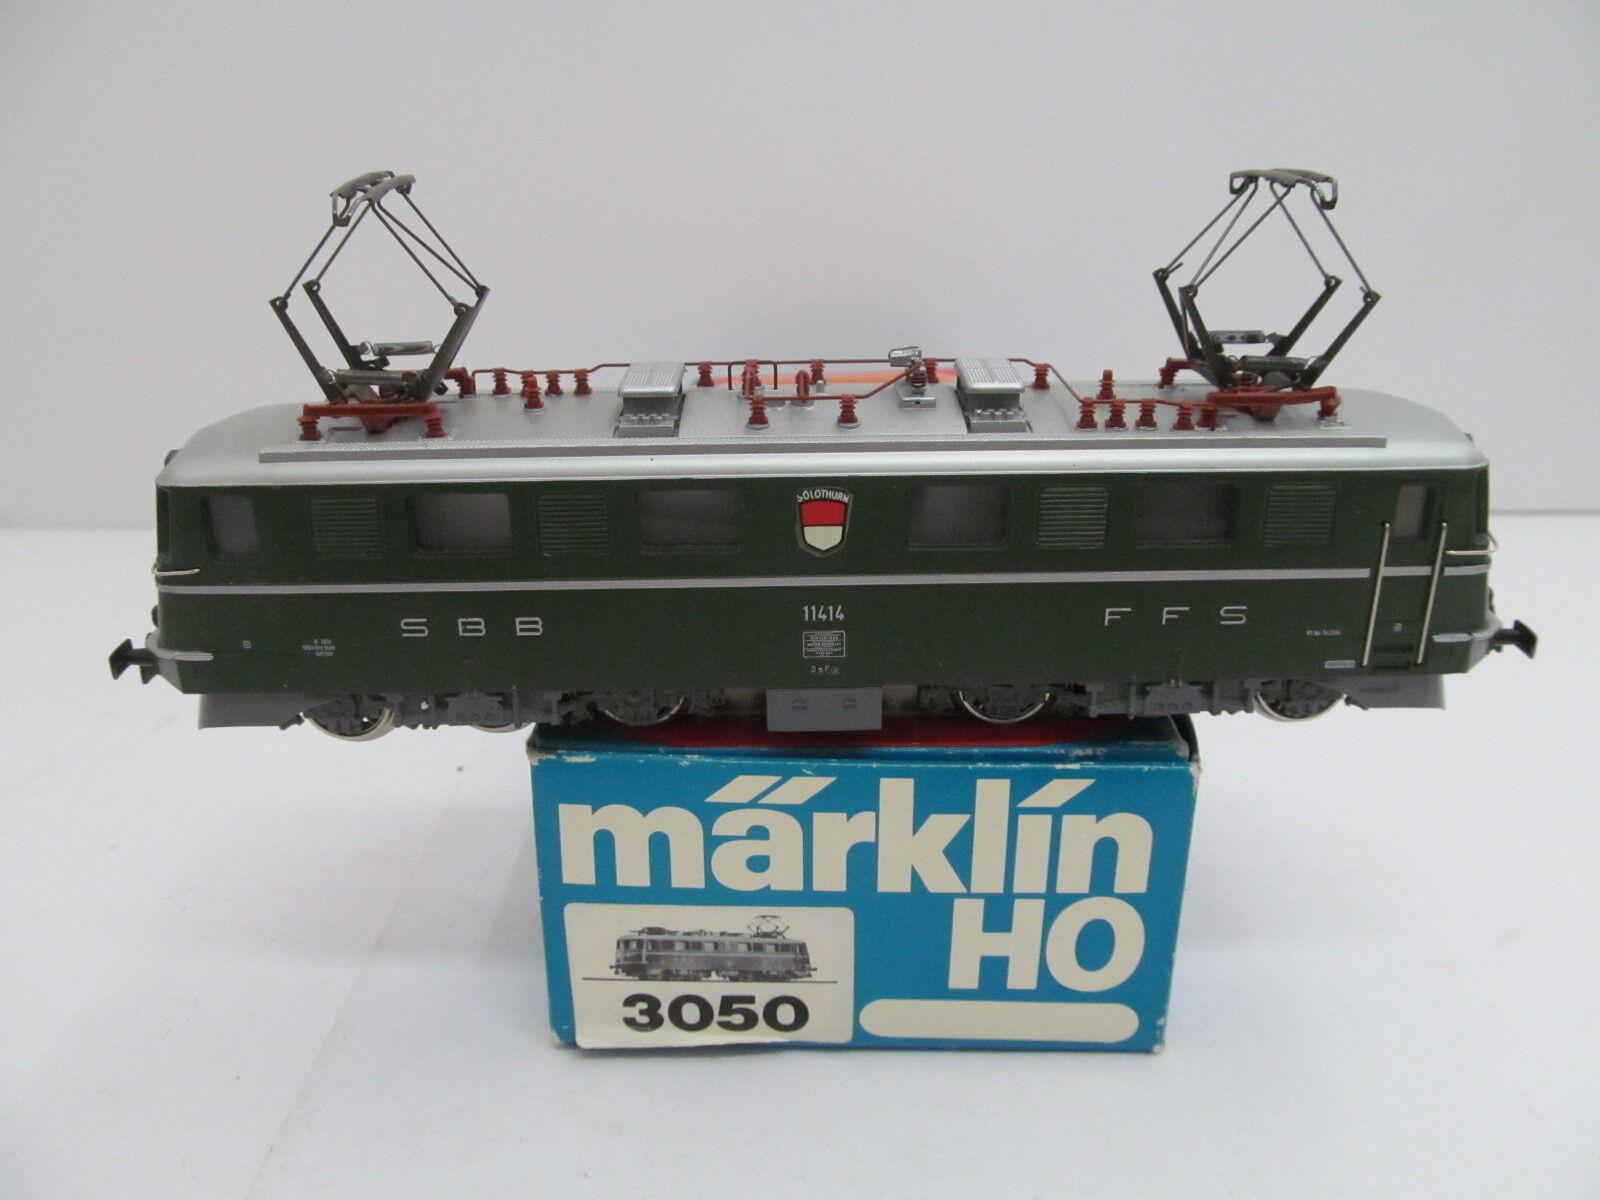 Märklin mes-44237 3050 h0 E-Lok SBB 11414 ae6 6 con segni di usura minima,